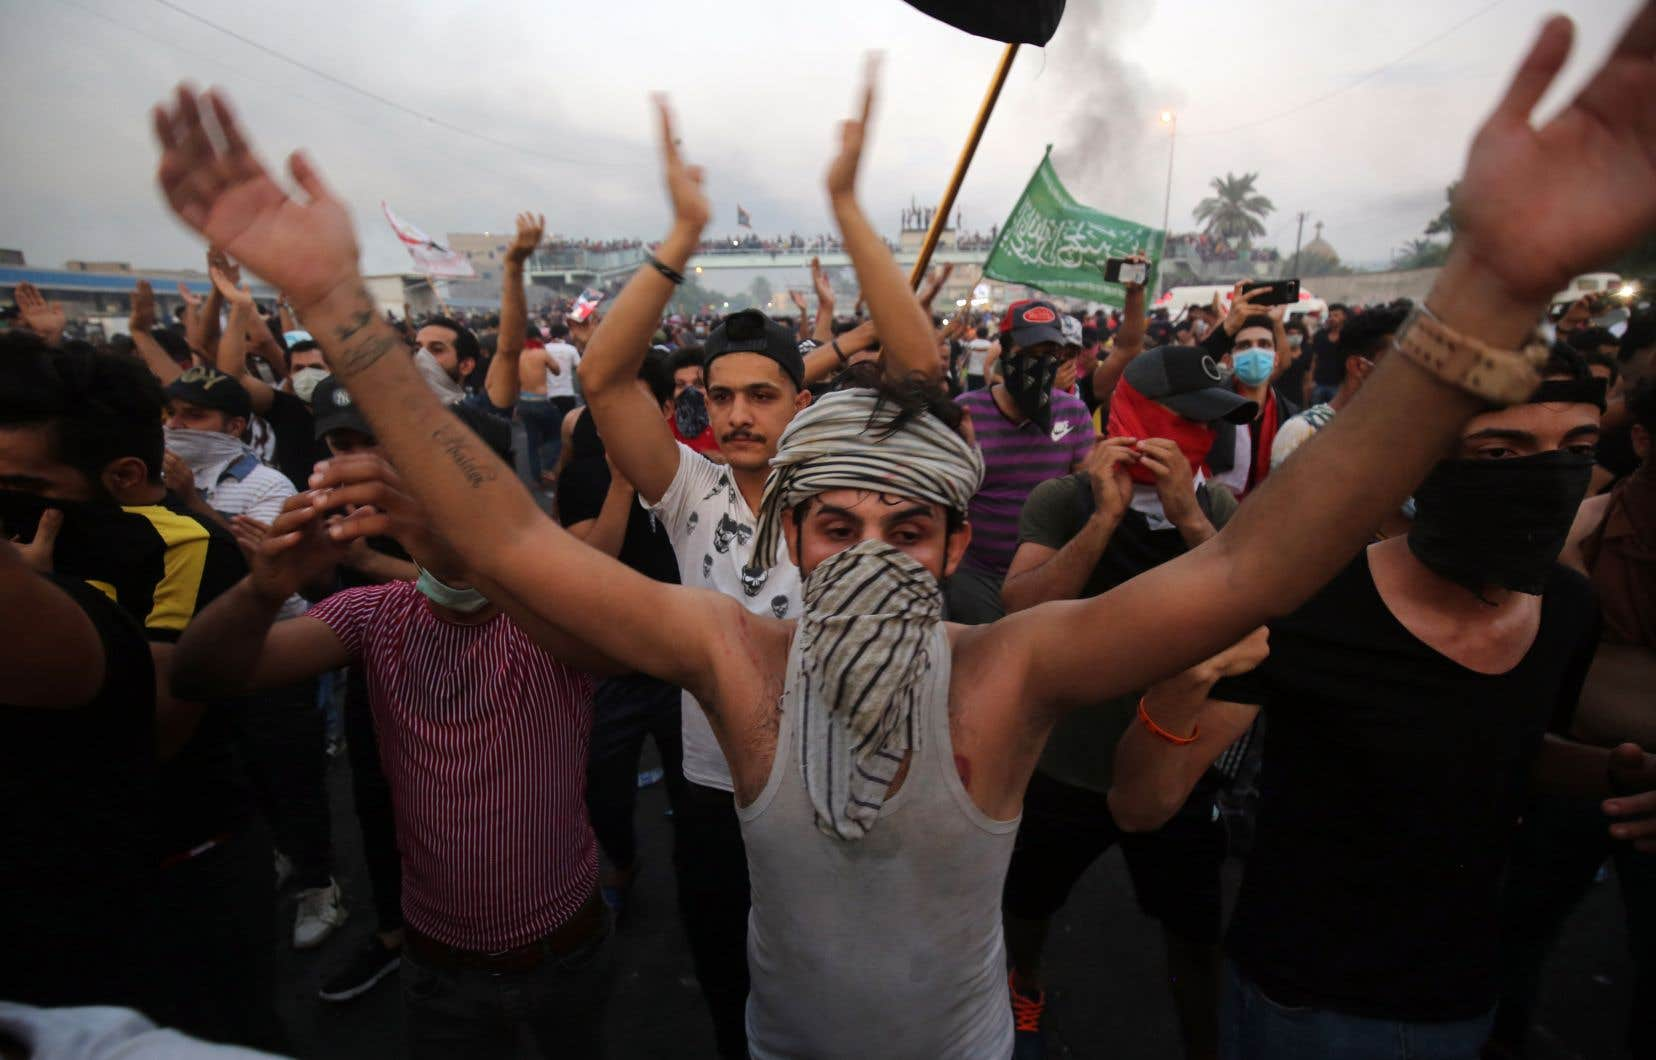 Manifestants et policiers étaient principalement face-à-face aux abords de l'emblématique place Tahrir à Bagdad.